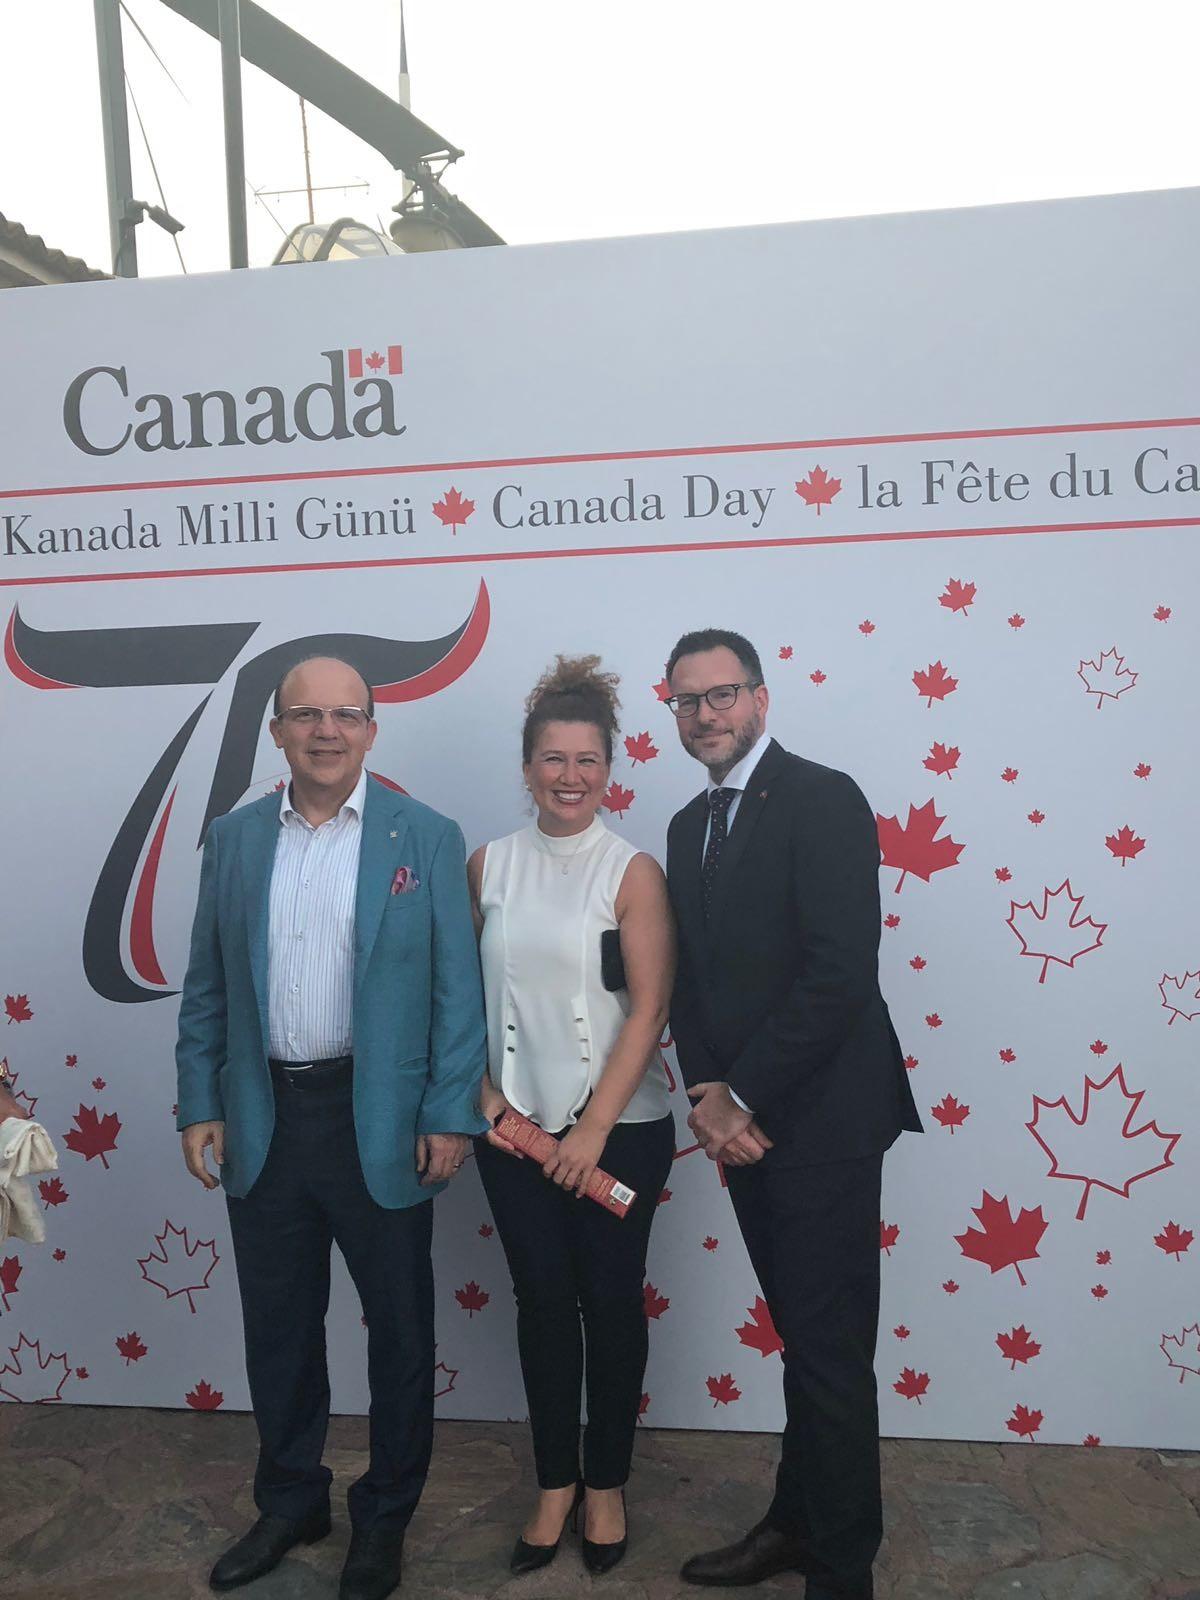 Kanada Milli Günü resepsiyonuna Kanada Okulları da...